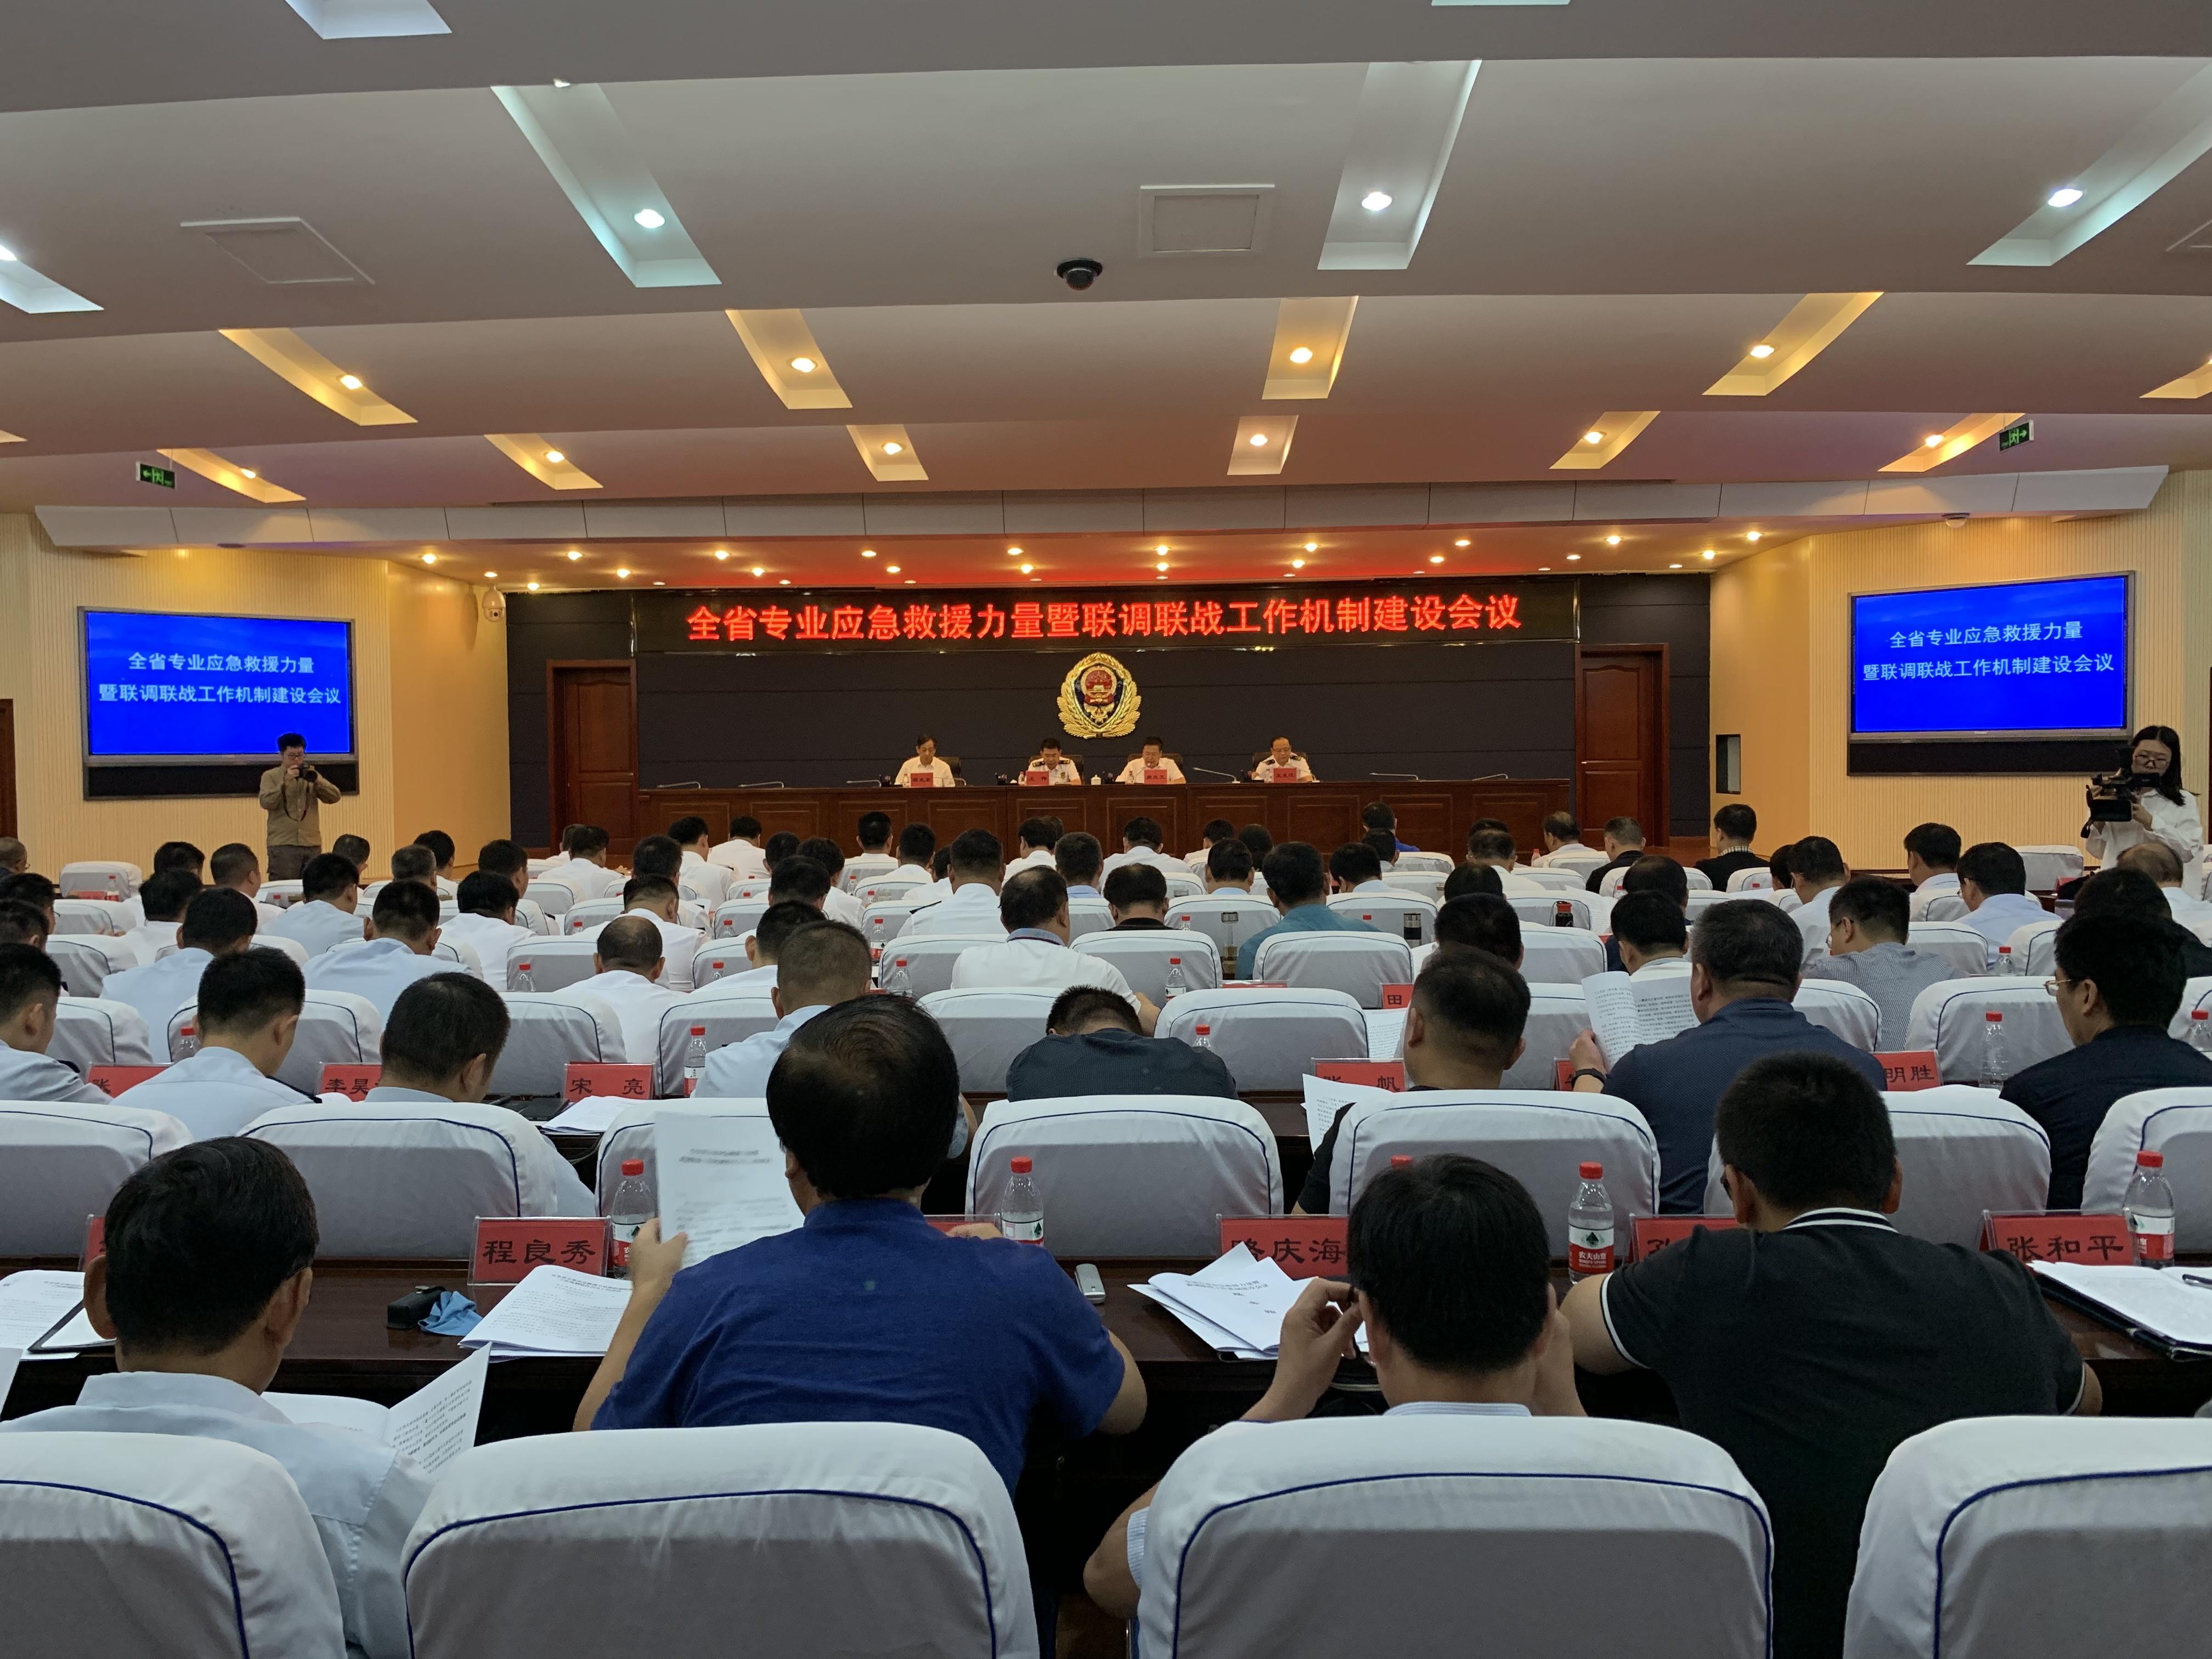 山东现有19个省级安全生产专业应急救援中心 专兼职救援人员近6万人